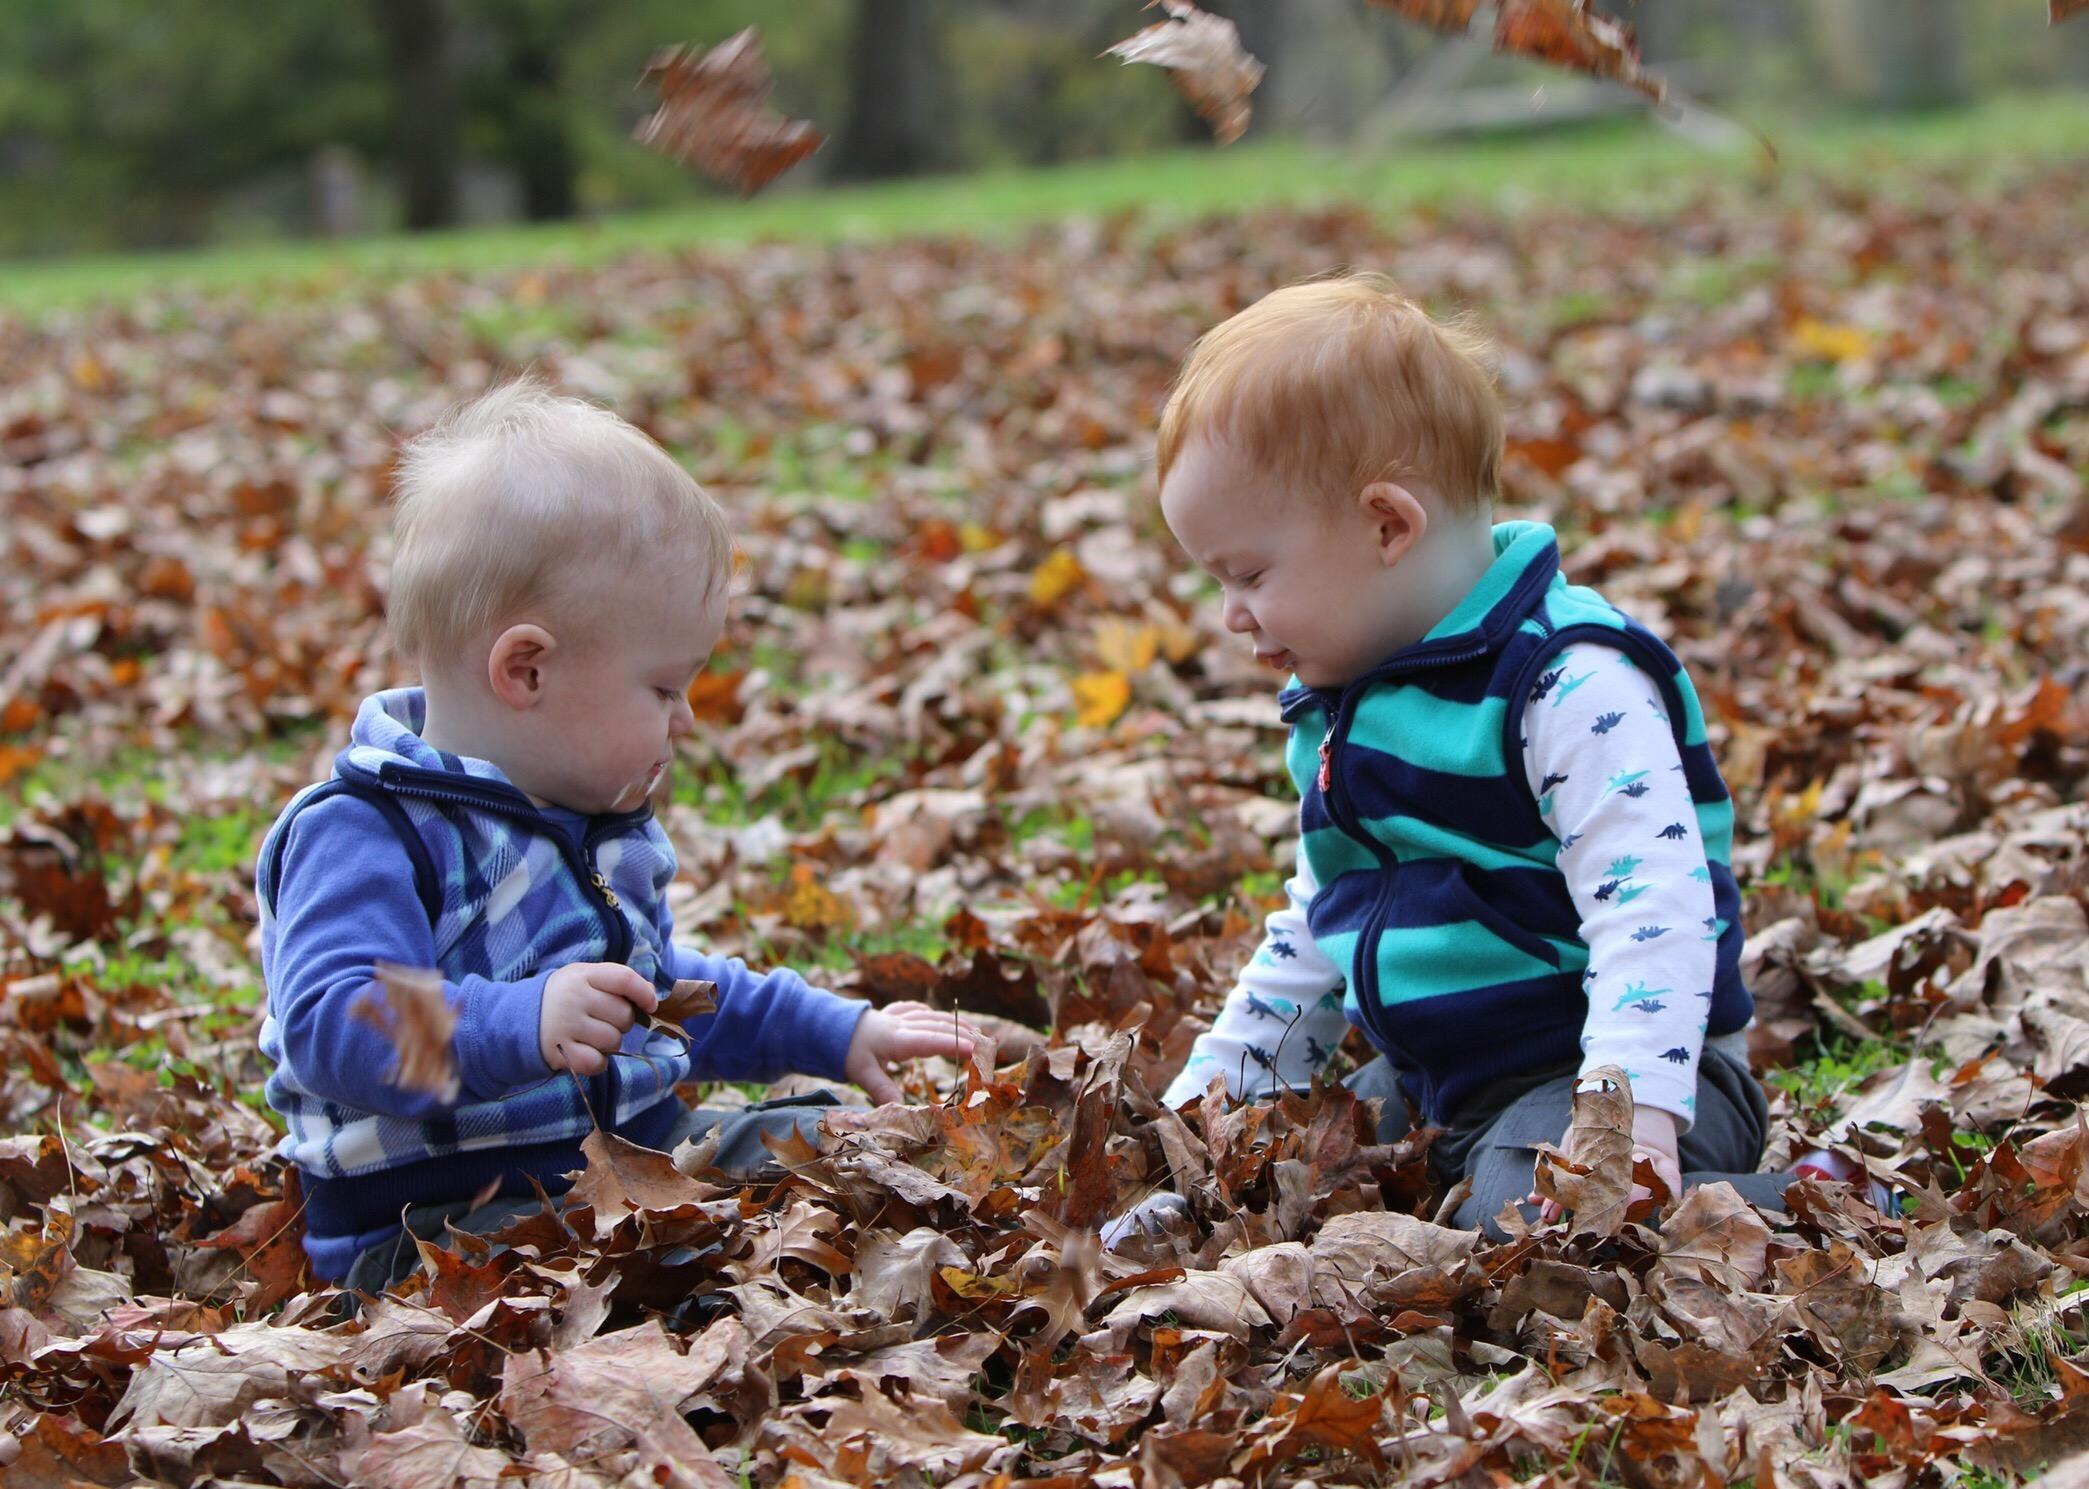 Julian & Joshua